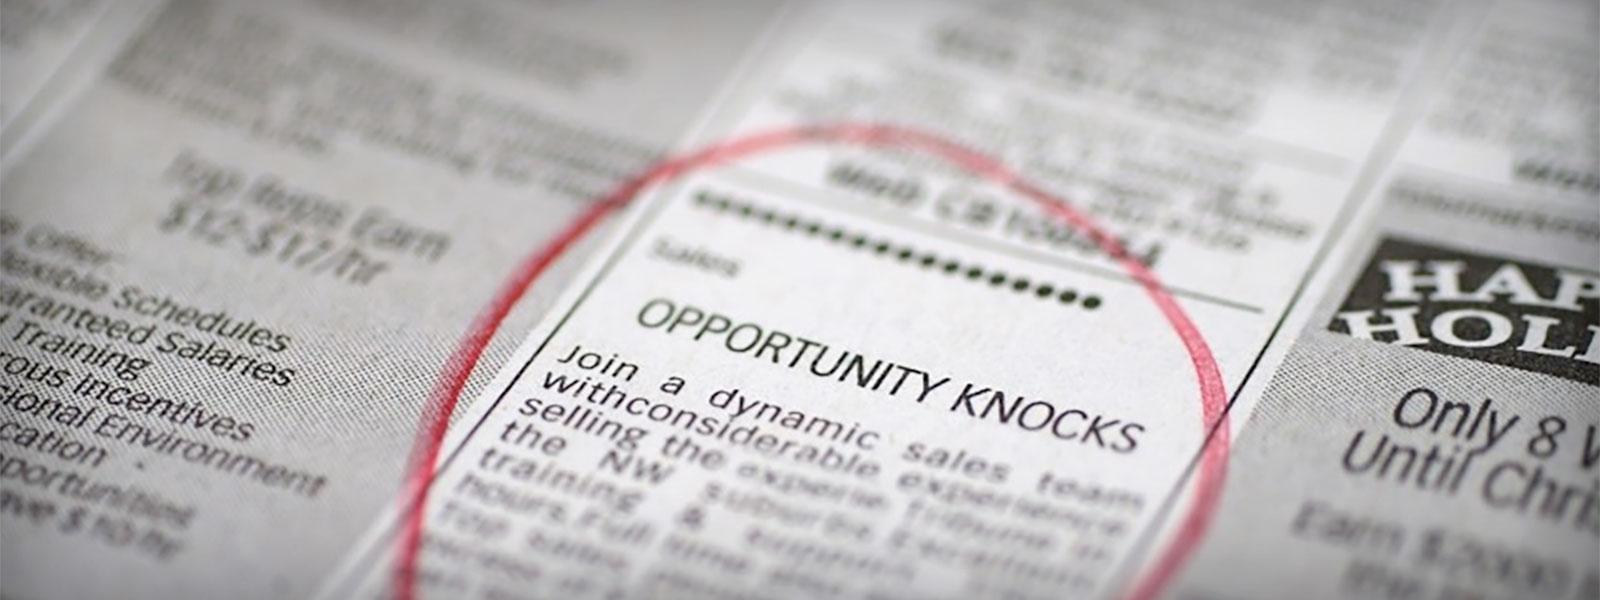 Employment Opportunities Progressive Roofing